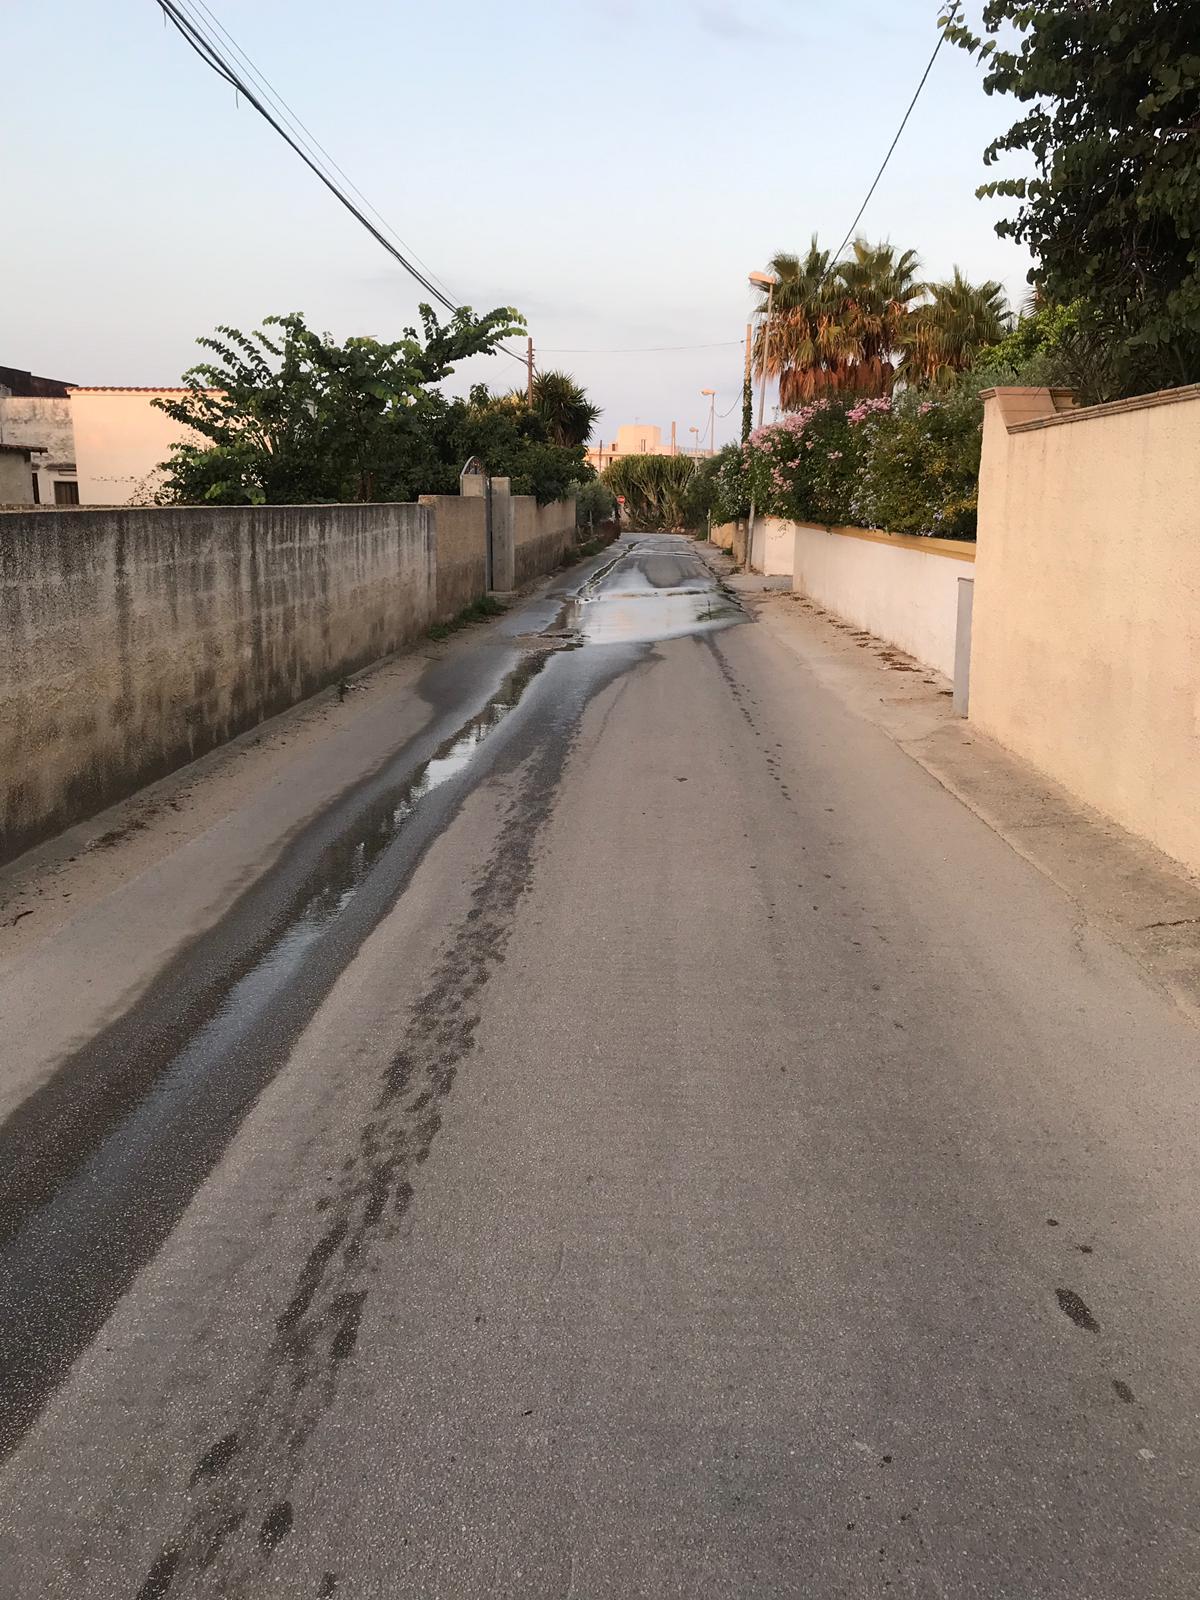 Perdita d'acqua in zona Fiumara del Sossio. Si verifica da oltre un mese